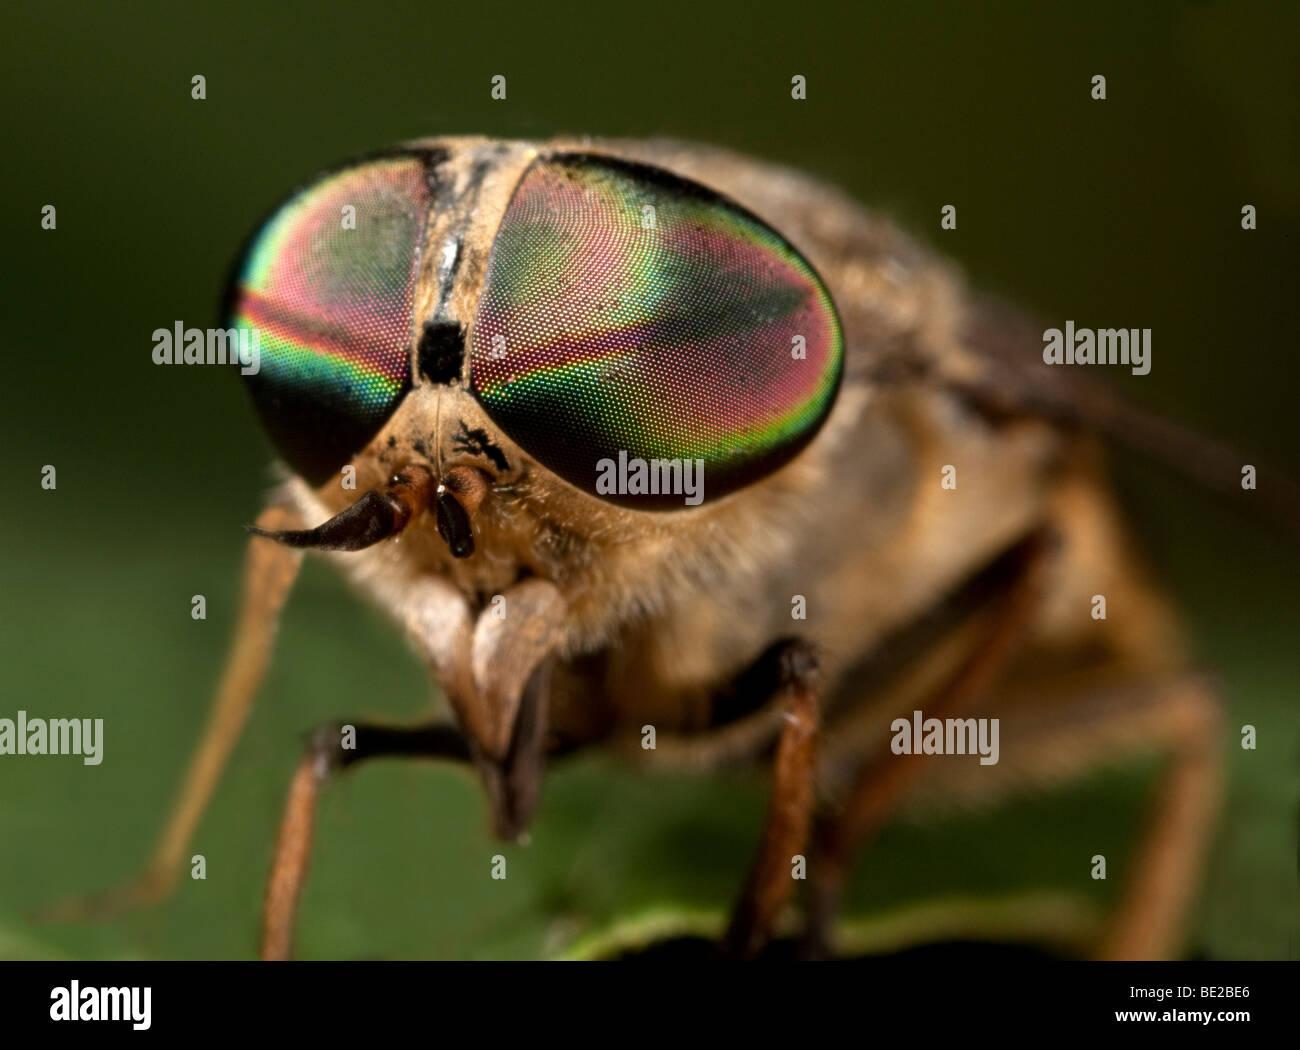 Caballo volar Tabanus bromius macro cierre mostrando gran ojo compuesto Imagen De Stock